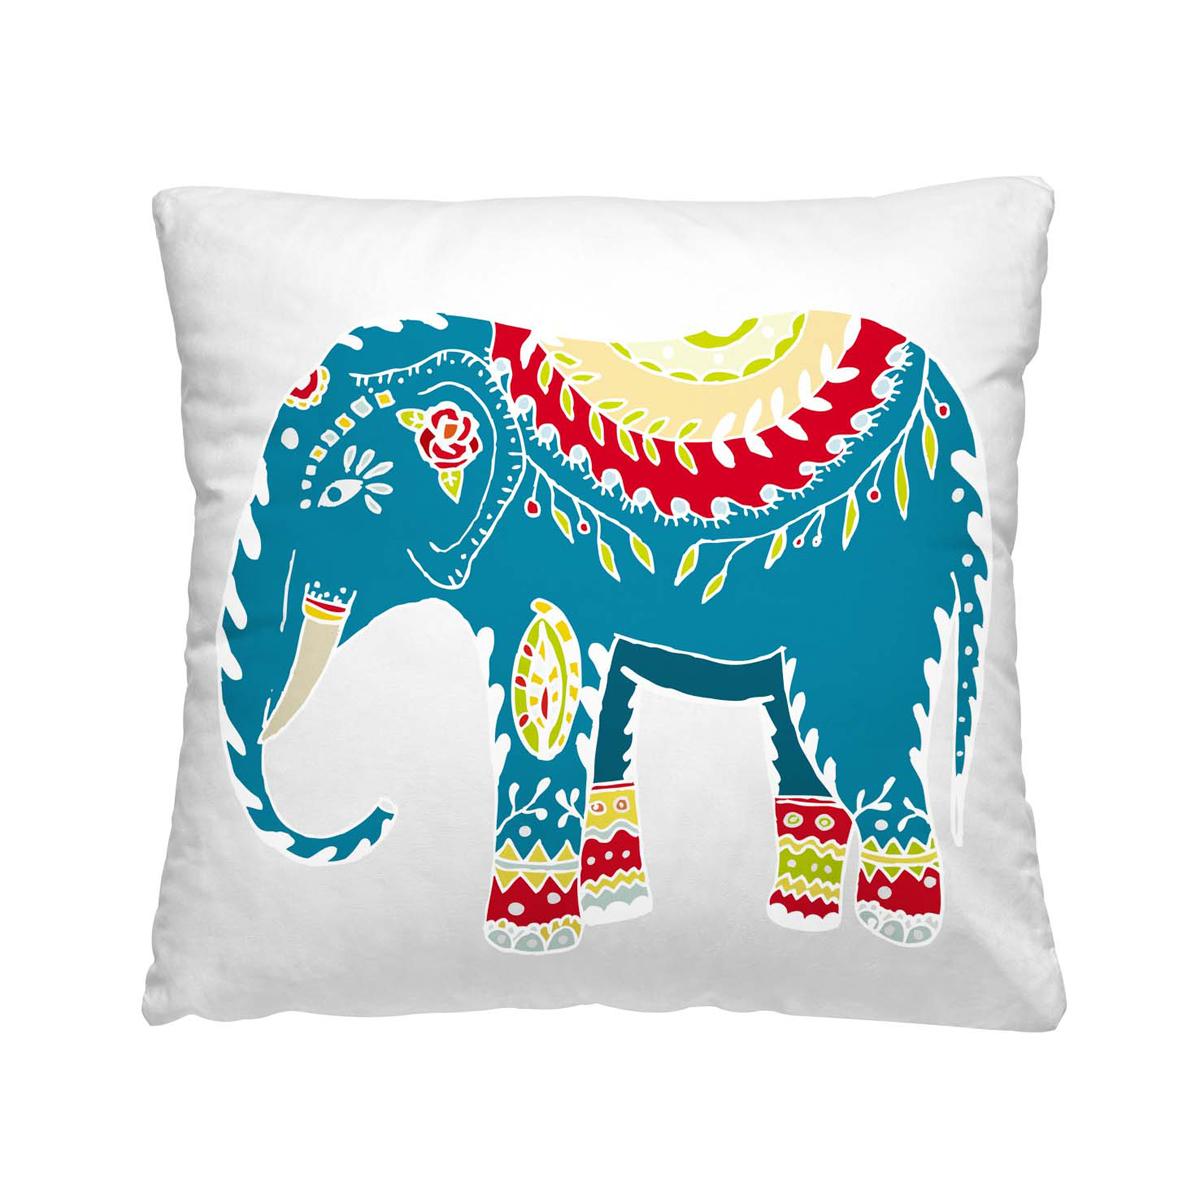 Подушка декоративная Волшебная ночь Индийский слон, 40 х 40 см195647Декоративная подушка Волшебная ночь Индийский слон прекрасно дополнит интерьер спальни или гостиной. Чехол подушки выполнен из 100% полиэстера. Лицевая сторона украшена красивым рисунком. Наполнитель - полиэстер.Красивая подушка создаст атмосферу уюта в доме и станет прекрасным элементом декора. Особенности изделия: - Съёмный чехол на молнии; - Наполнитель в индивидуальной наволочке; - Оборотная сторона из стёганого полотна для улучшения формоустойчивости.Размер: 40 x 40 см.